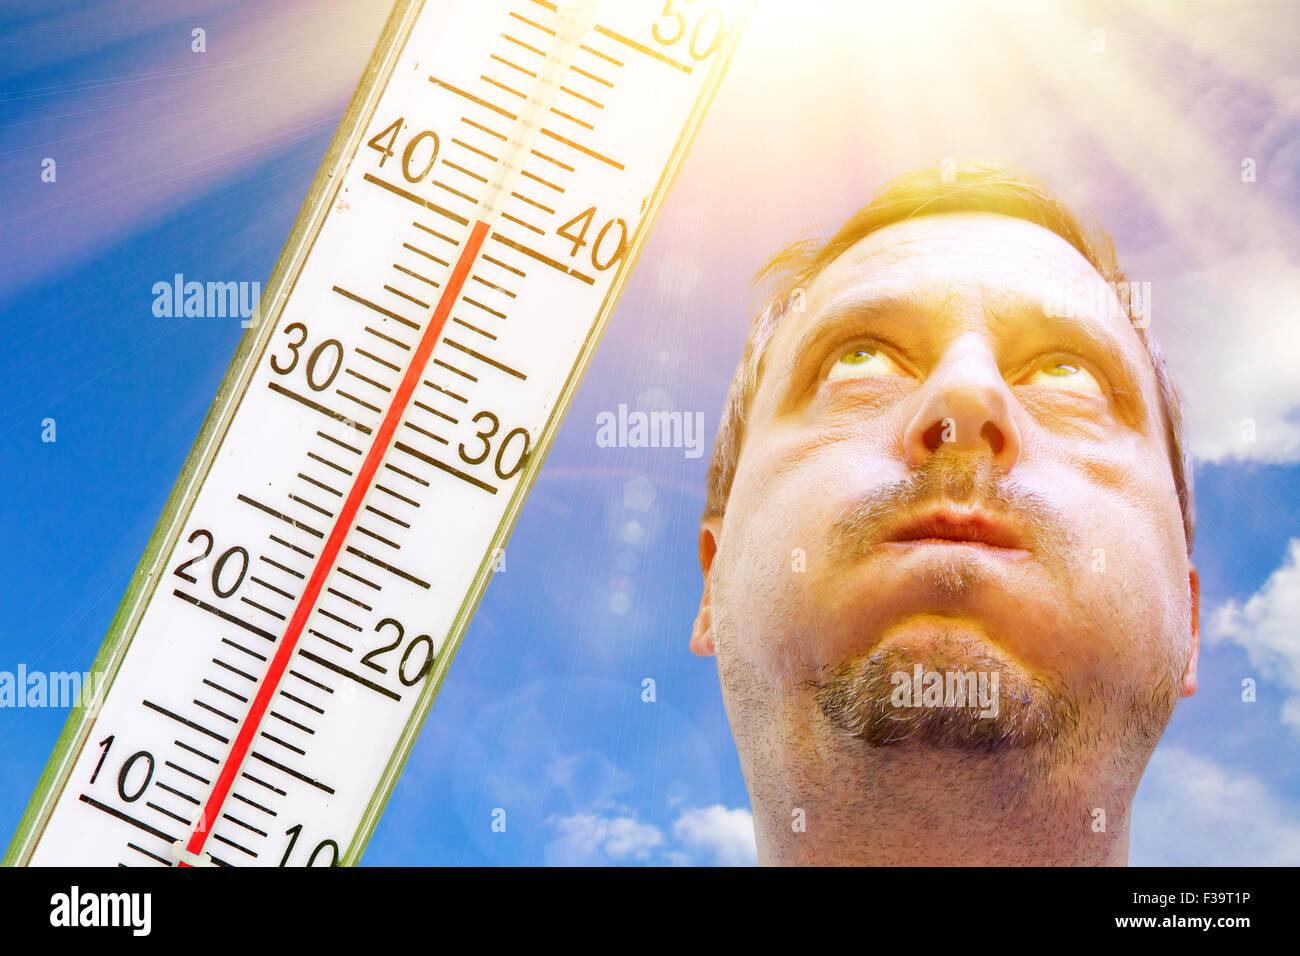 Journée très chaude sur l'homme Photo Stock